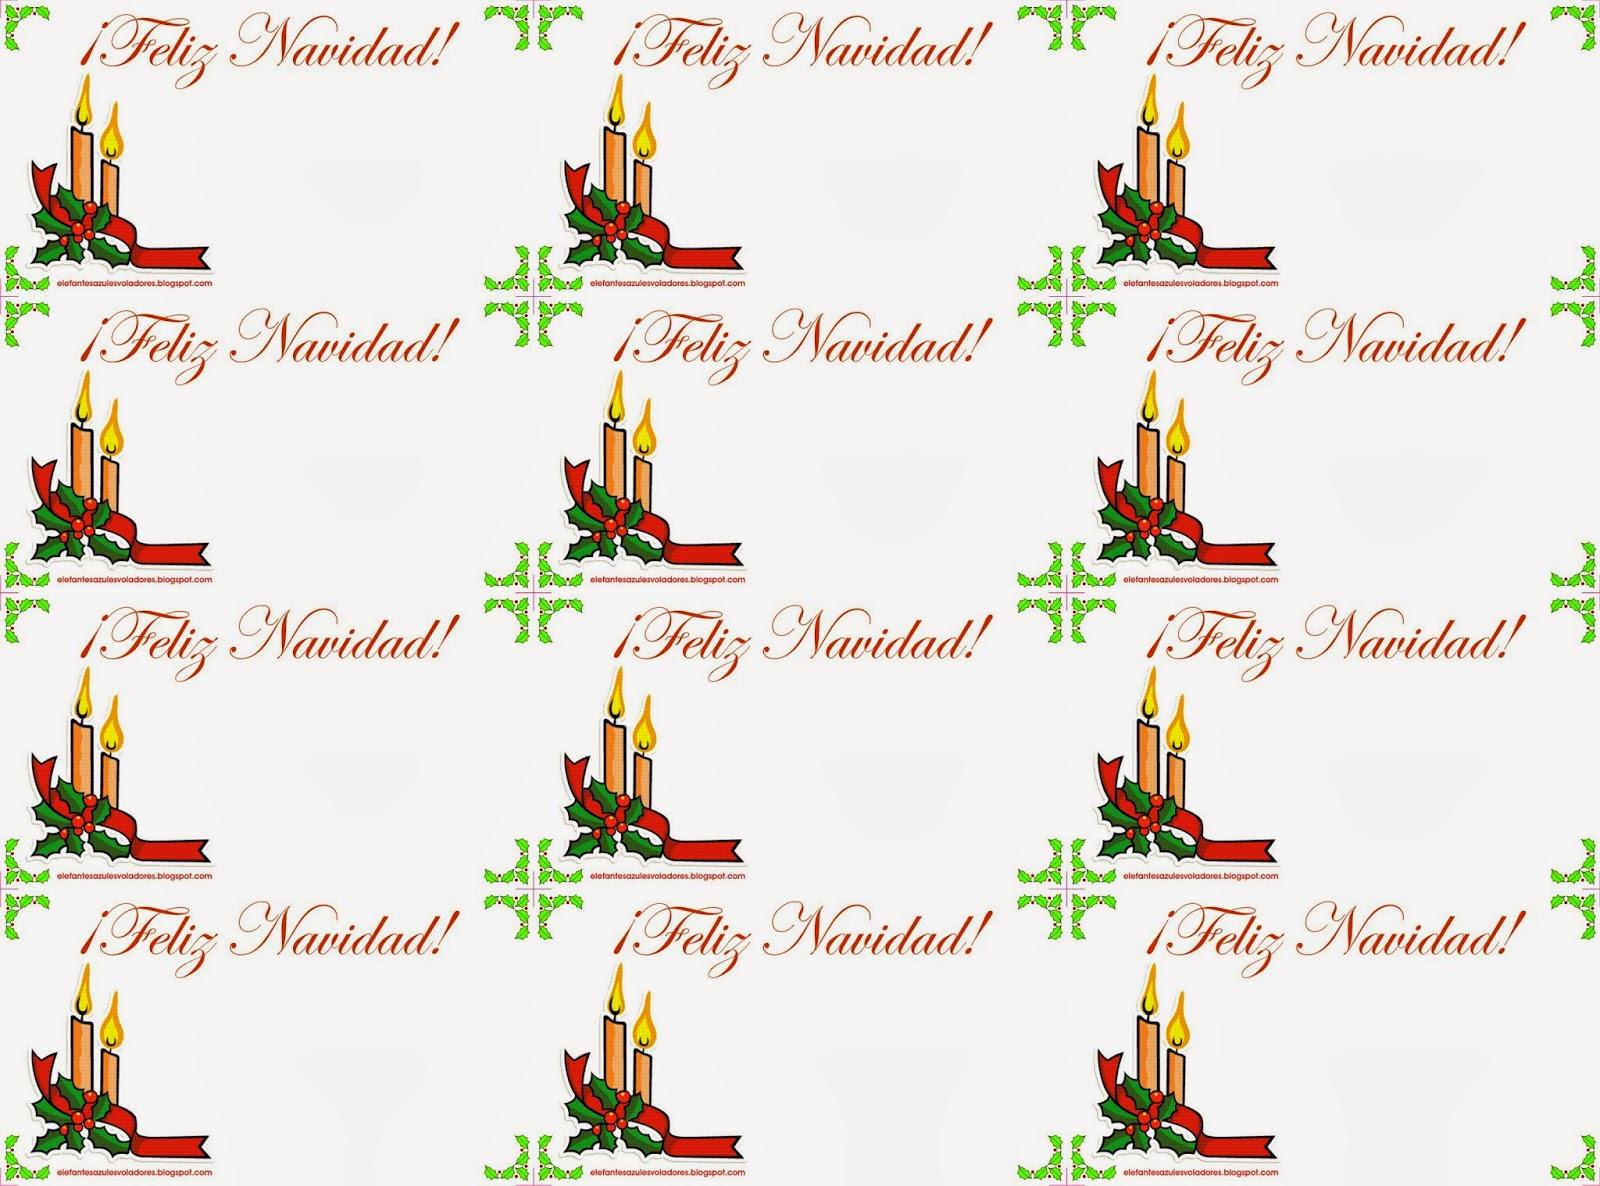 Imagenes navide as para imprimir - Dibujos tarjetas navidenas ...